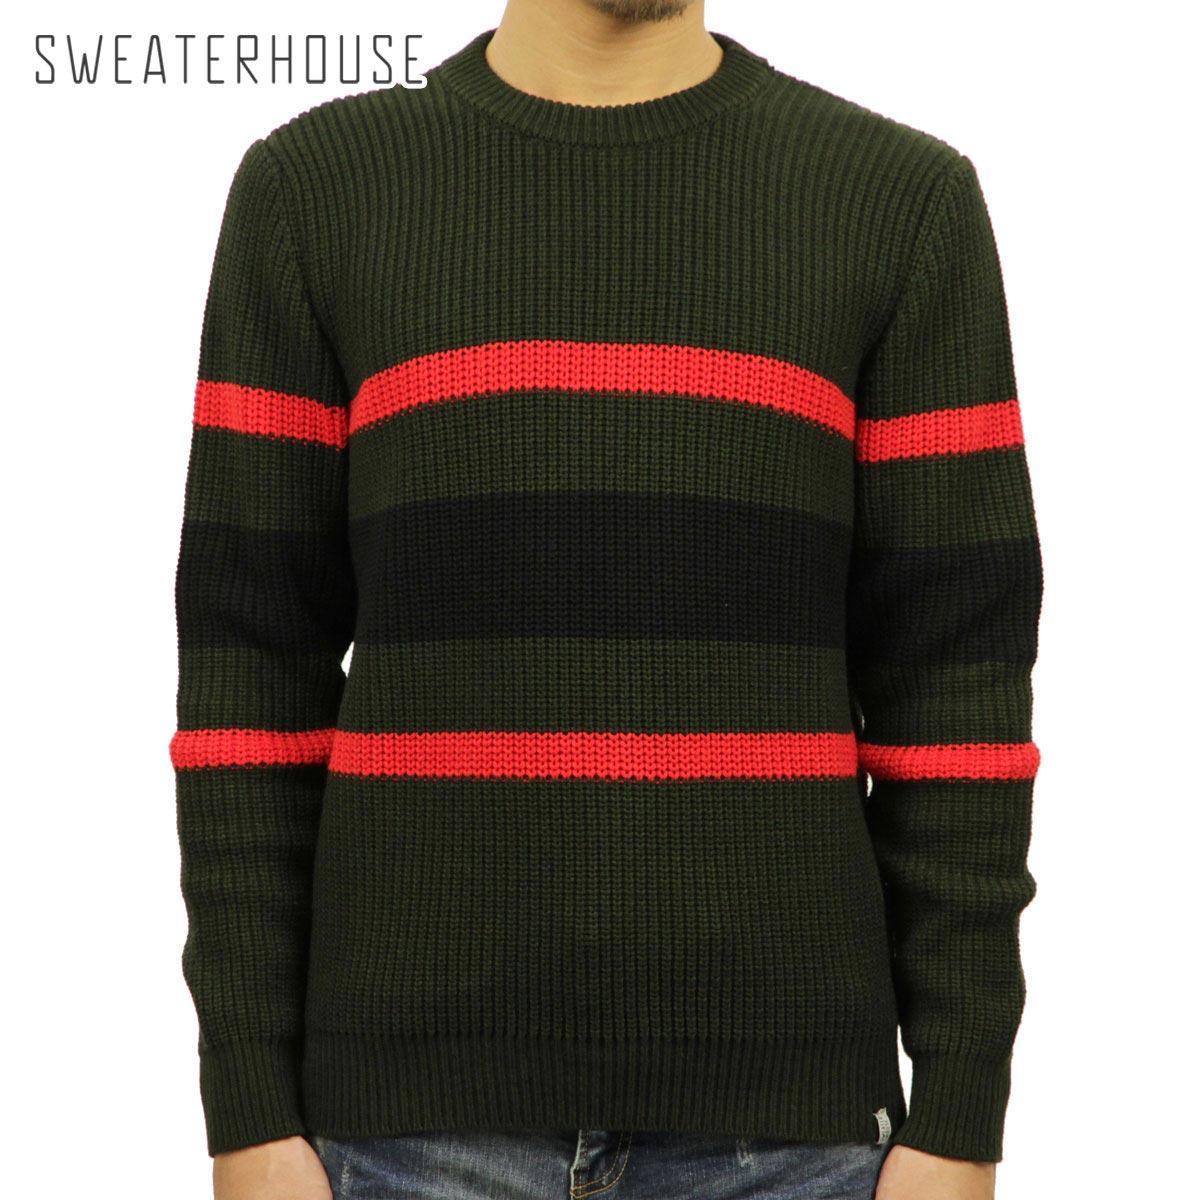 セーターハウス SWEATER HOUSE 正規販売店 メンズ クルーネックセーター CREW NECK STRIPE KNIT SWEATER 1KN1477 6007 042 DARK GREEN